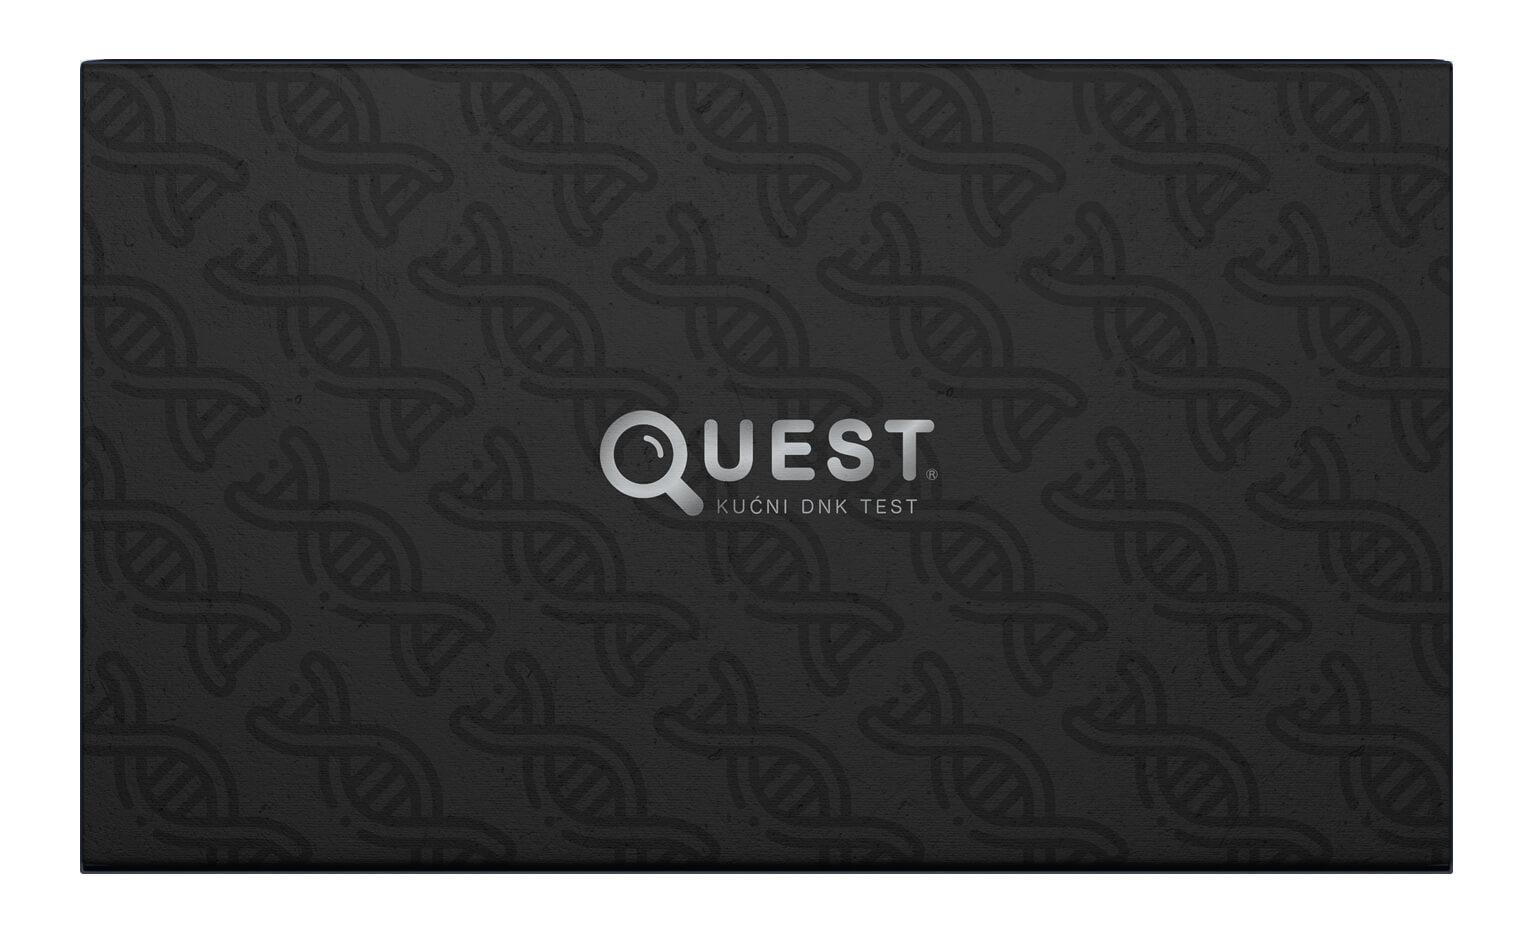 neverstvo-quest test za neverstvo